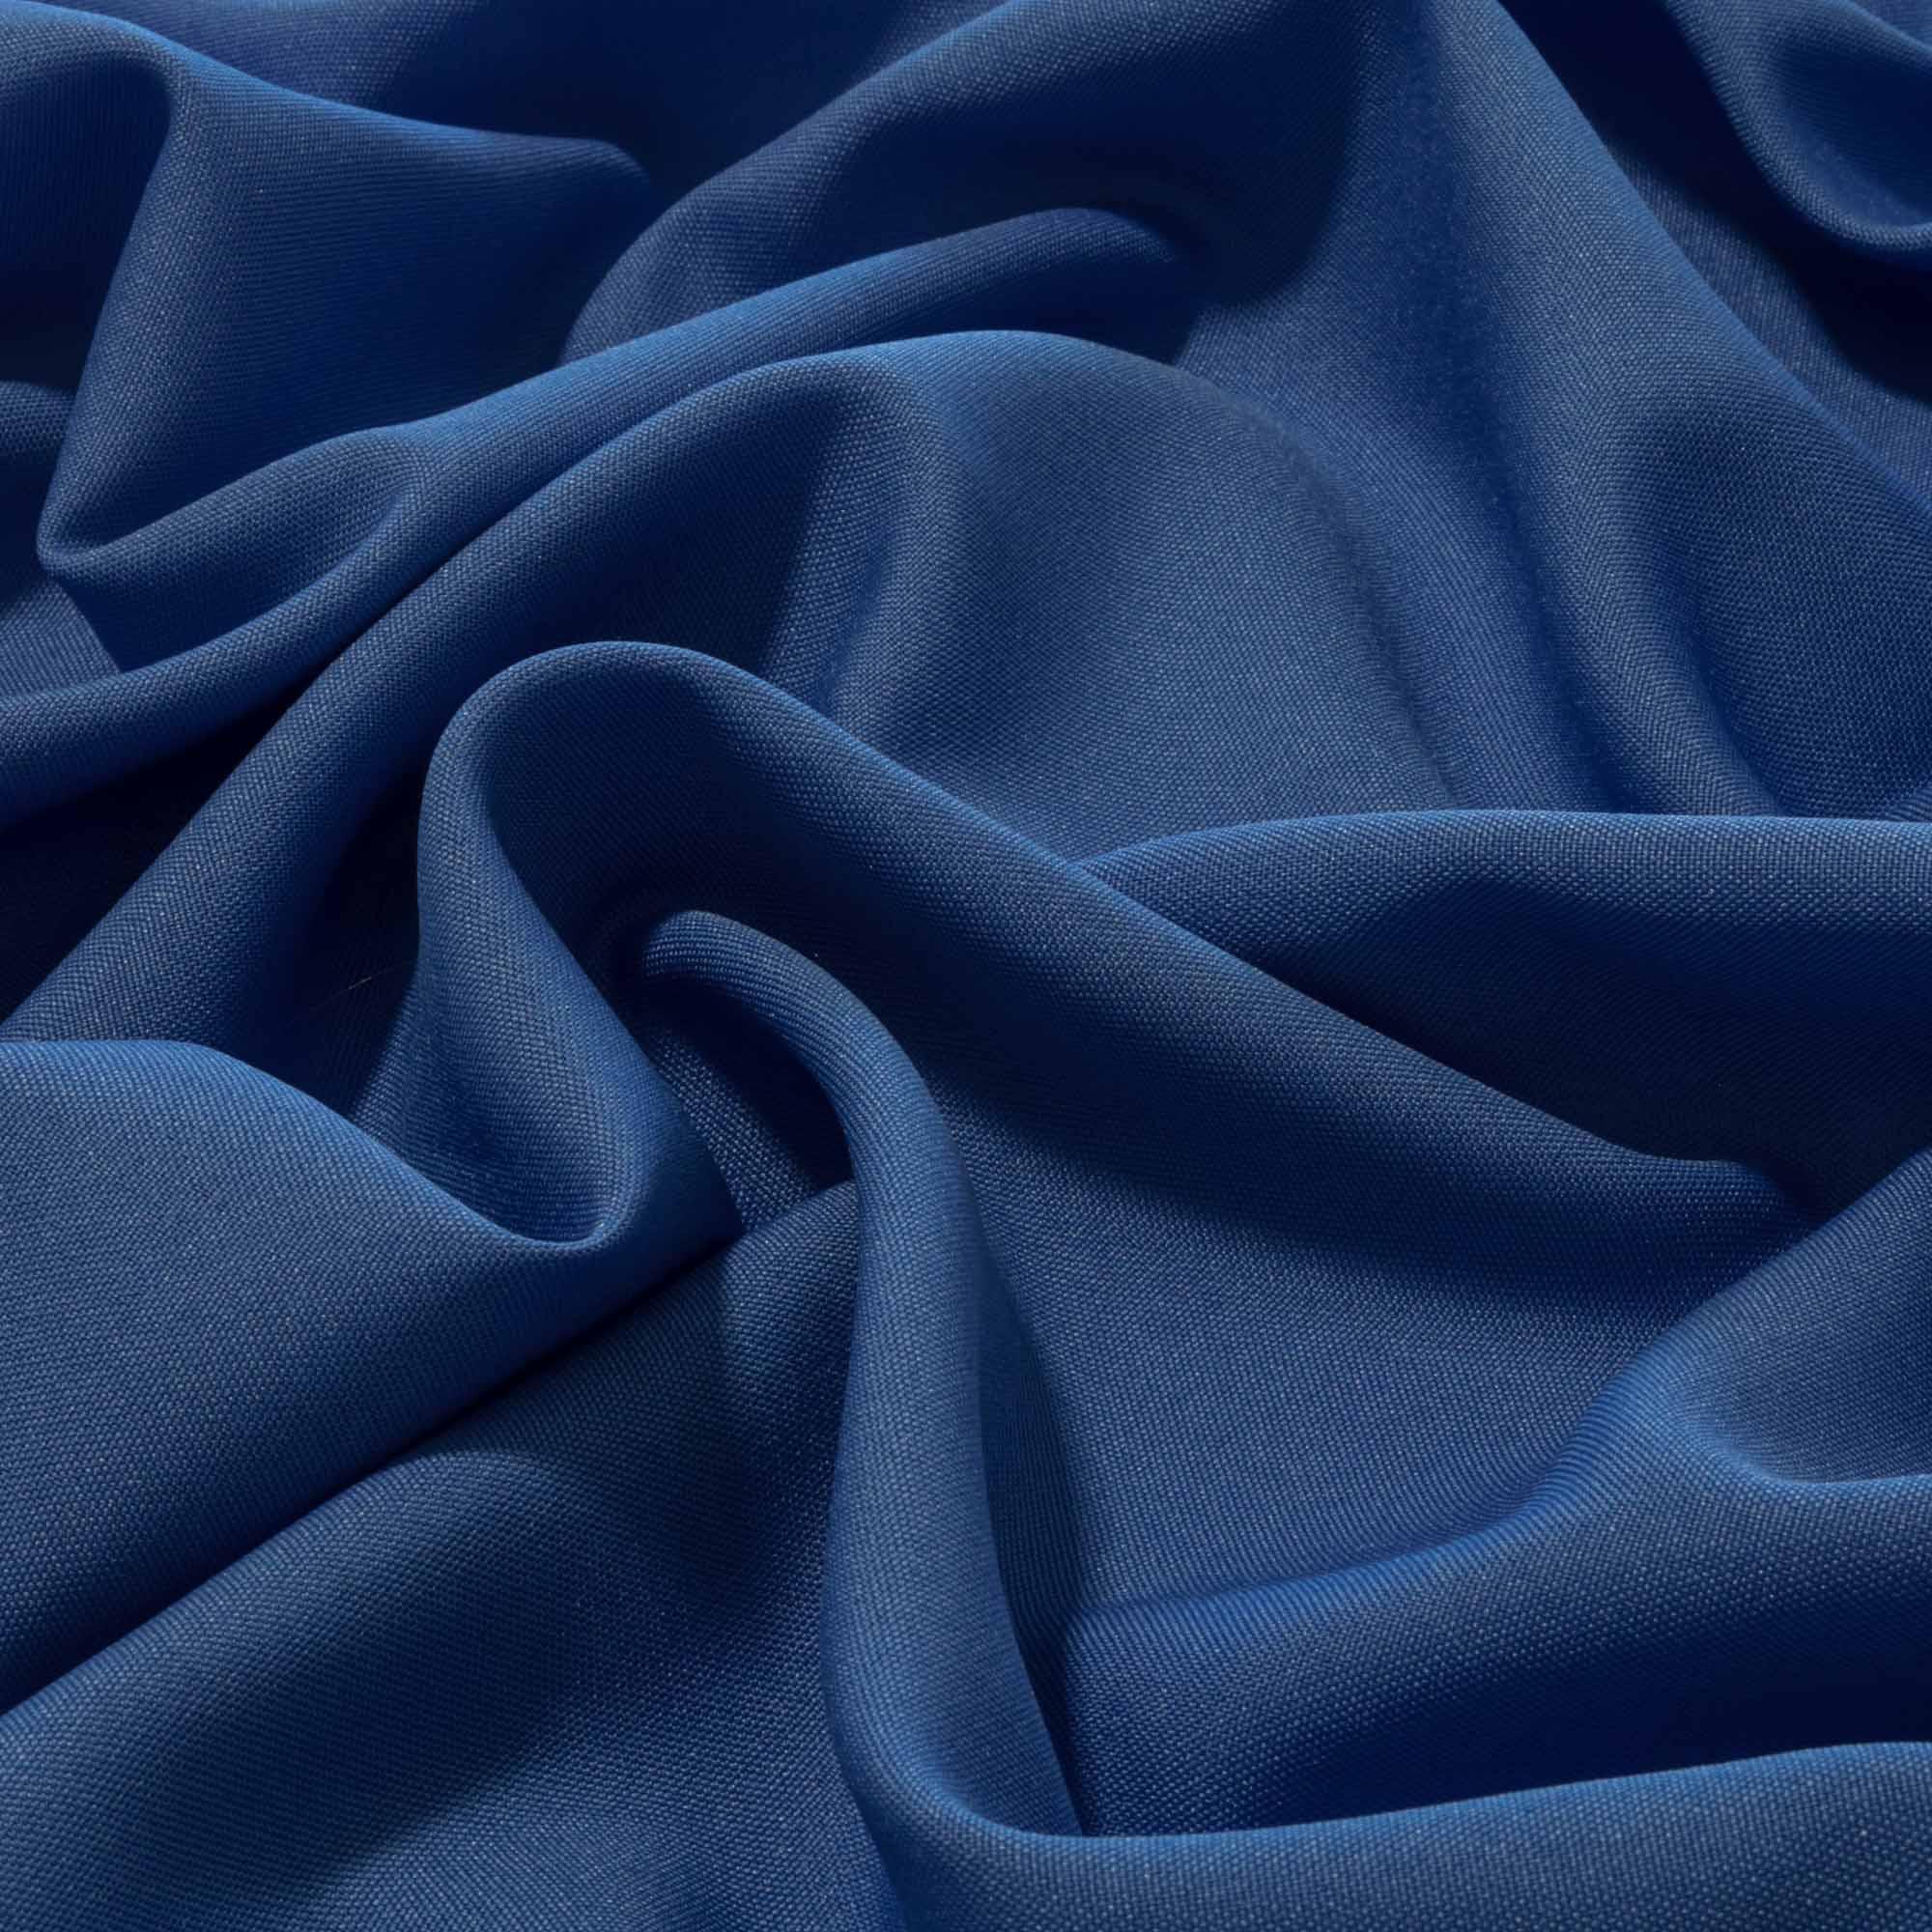 Tecido Oxford Liso 100% Poliester 1,50 m Largura Azul Céu